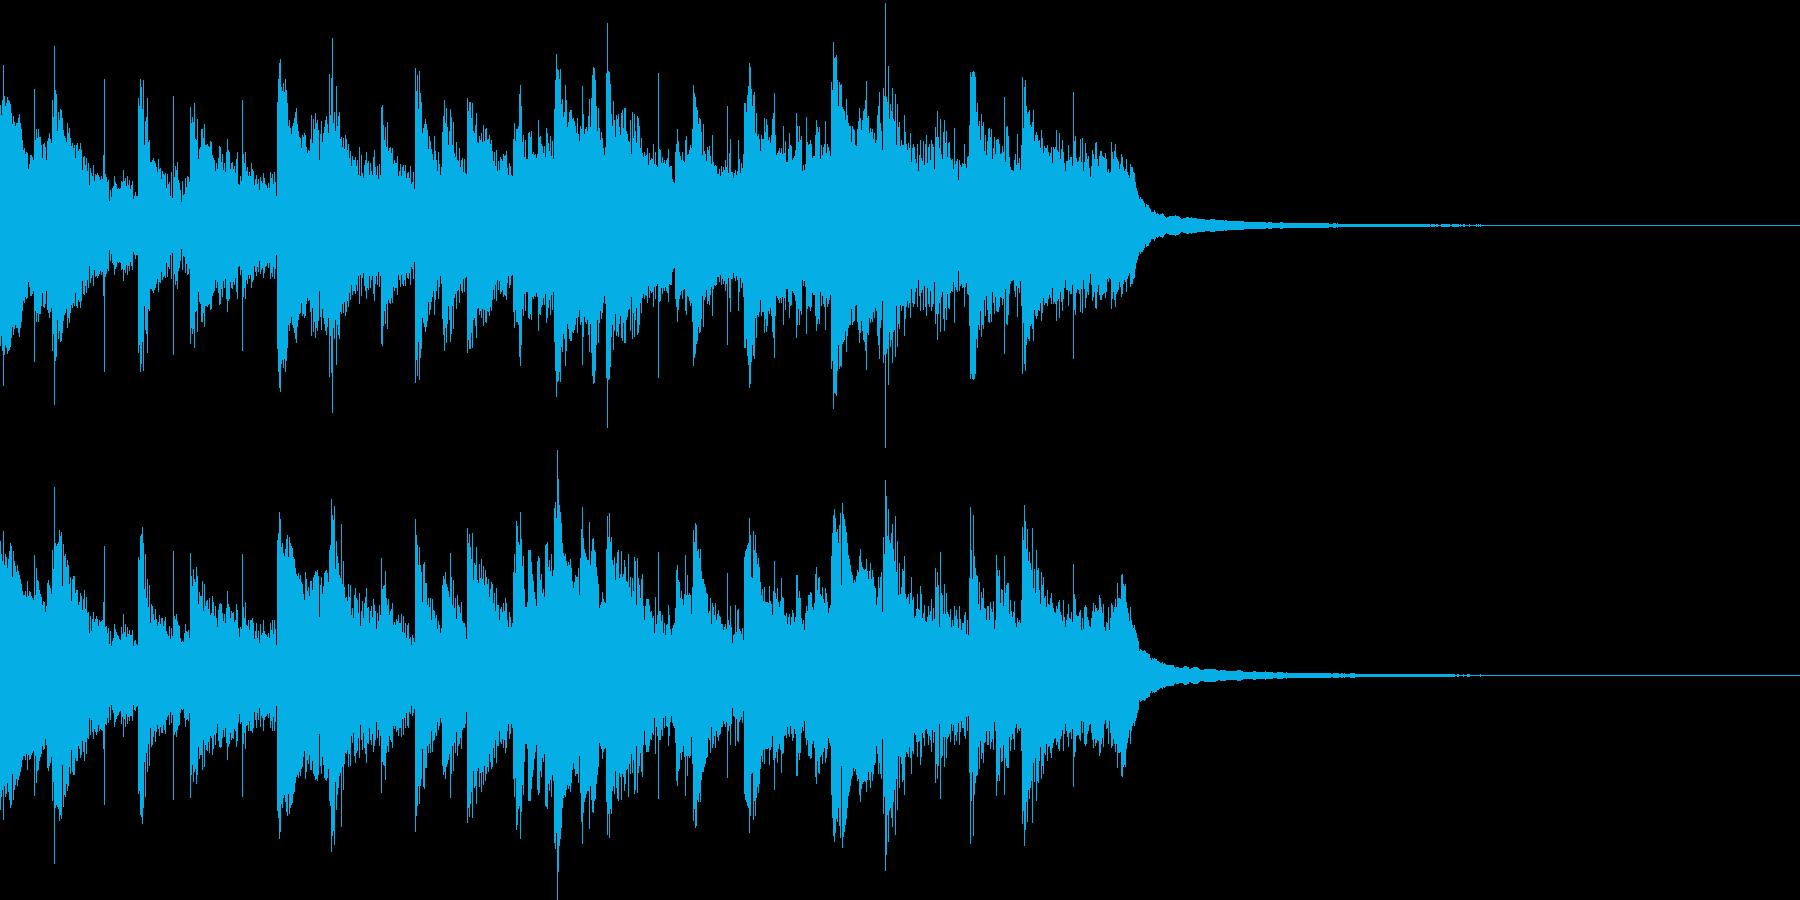 アコギ、ピアノがメインの爽やかジングルの再生済みの波形